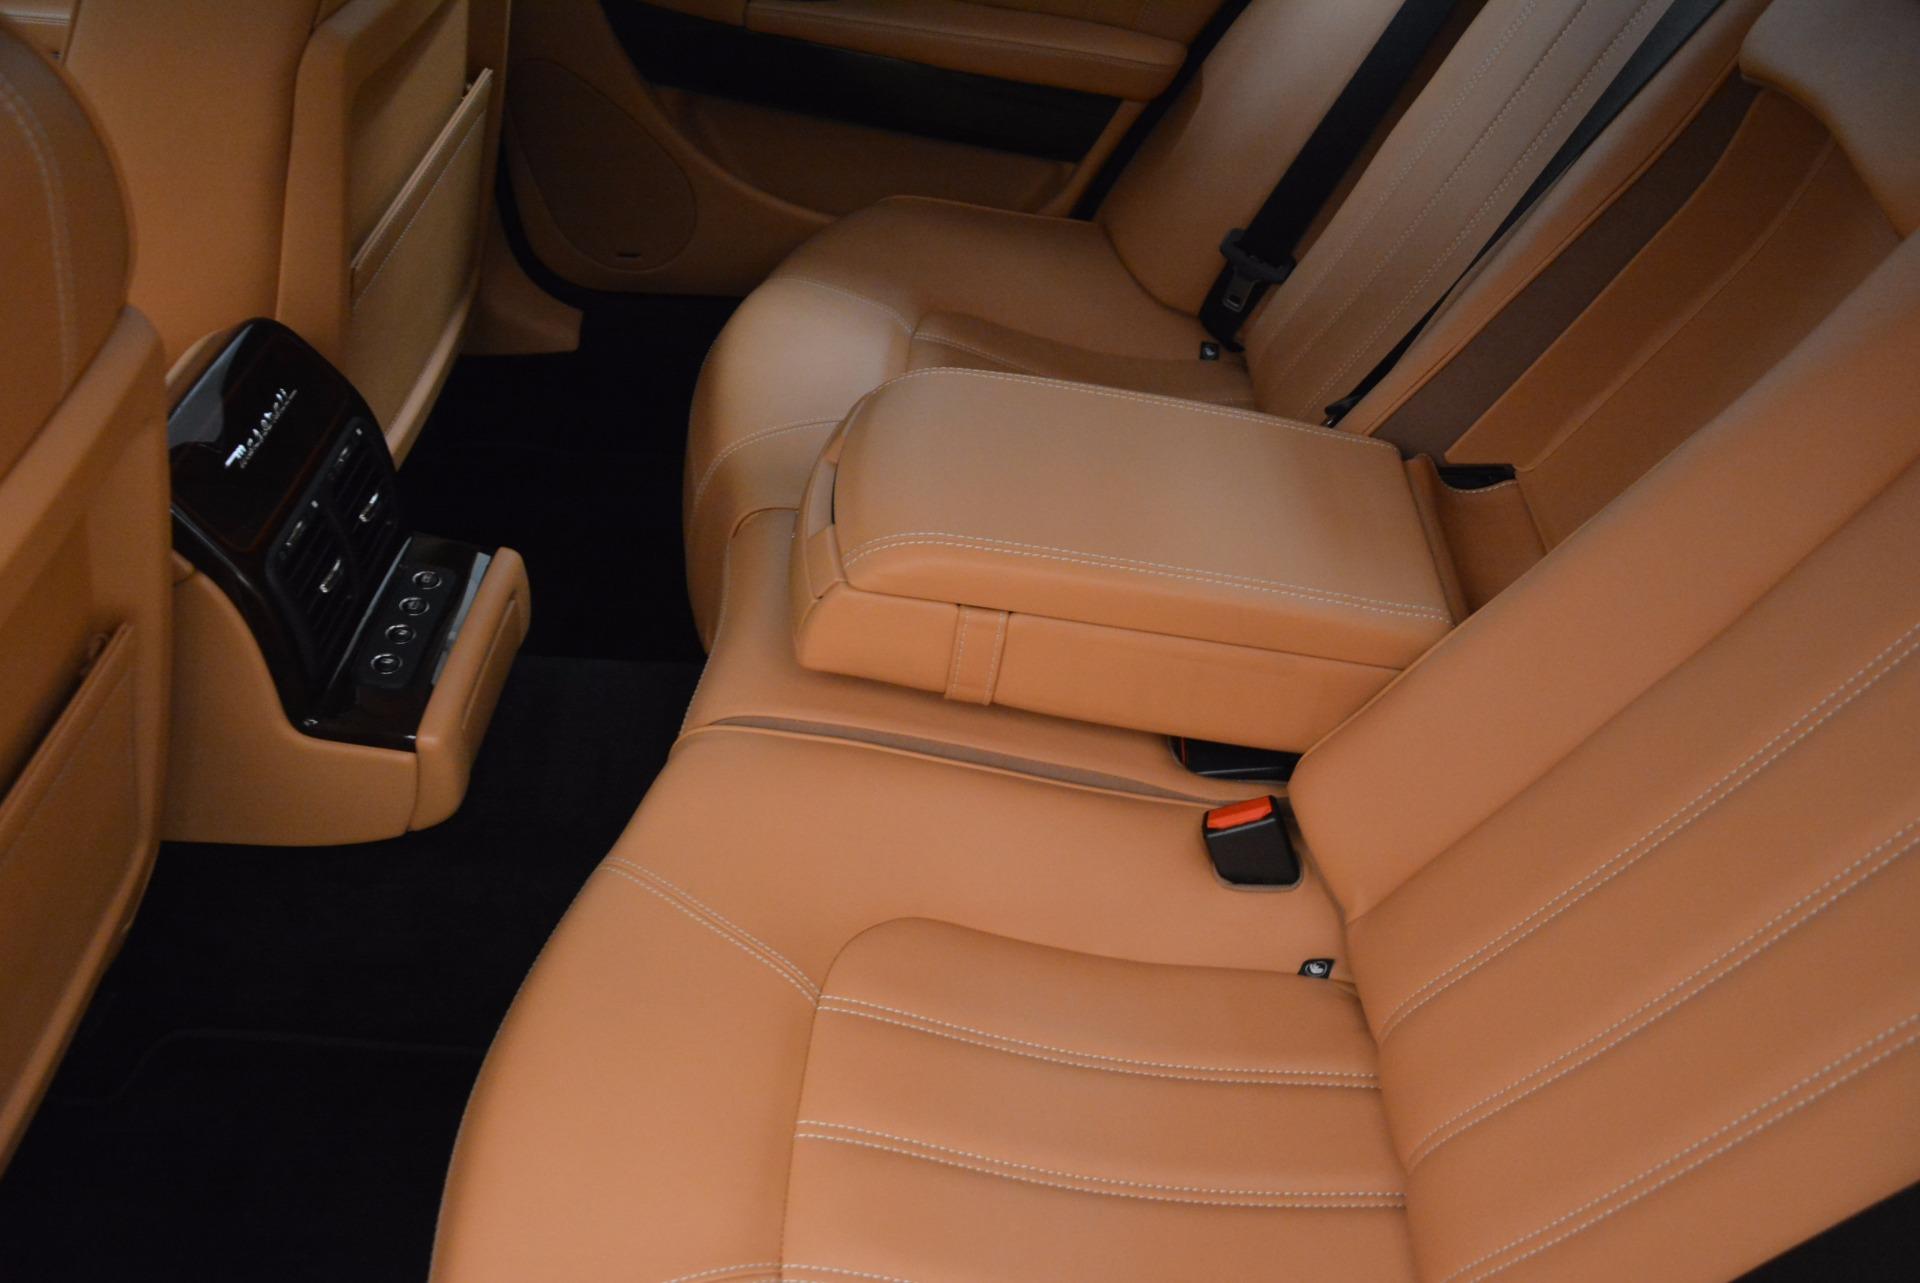 Used 2010 Maserati Quattroporte S For Sale In Greenwich, CT 1551_p31